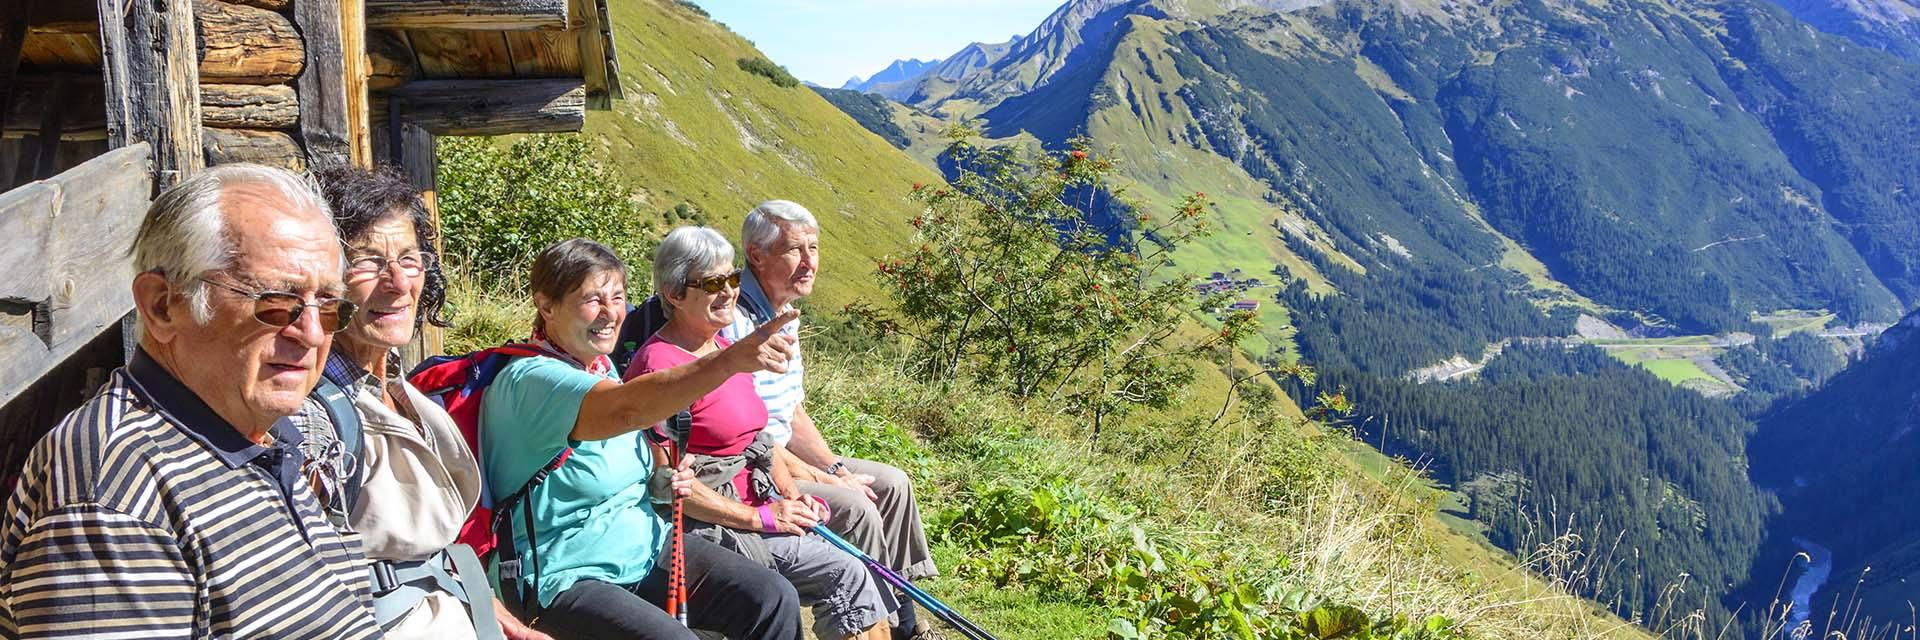 « Seniors en vacances » : partez en séjour de groupe chez Cap France !